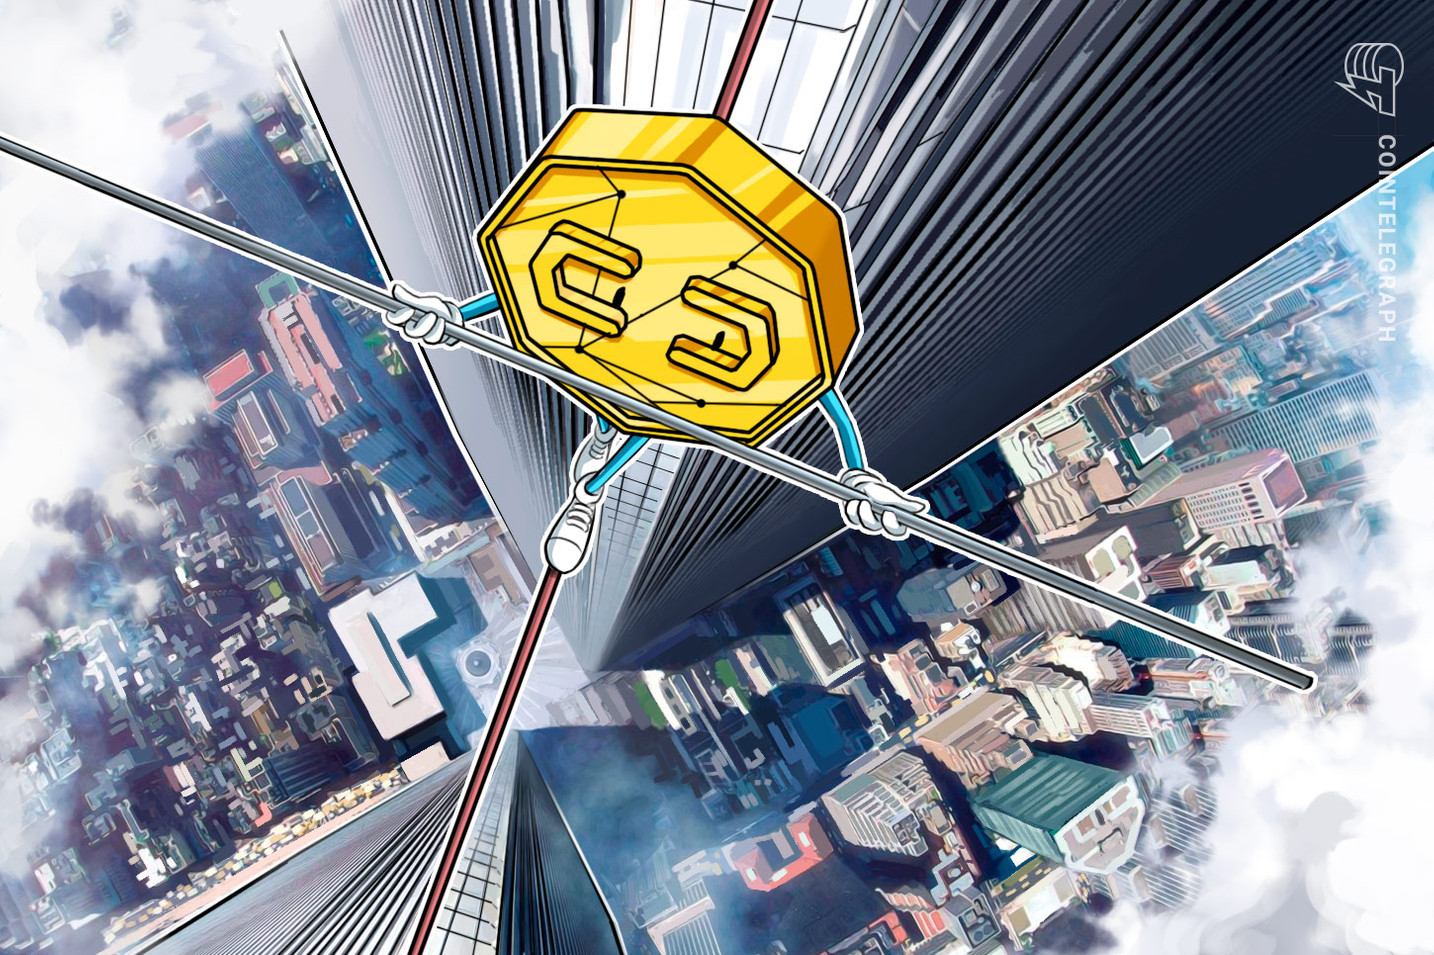 Criptomercado mantiene equilibrio luego de reciente venta masiva, Bitcoin supera $6300